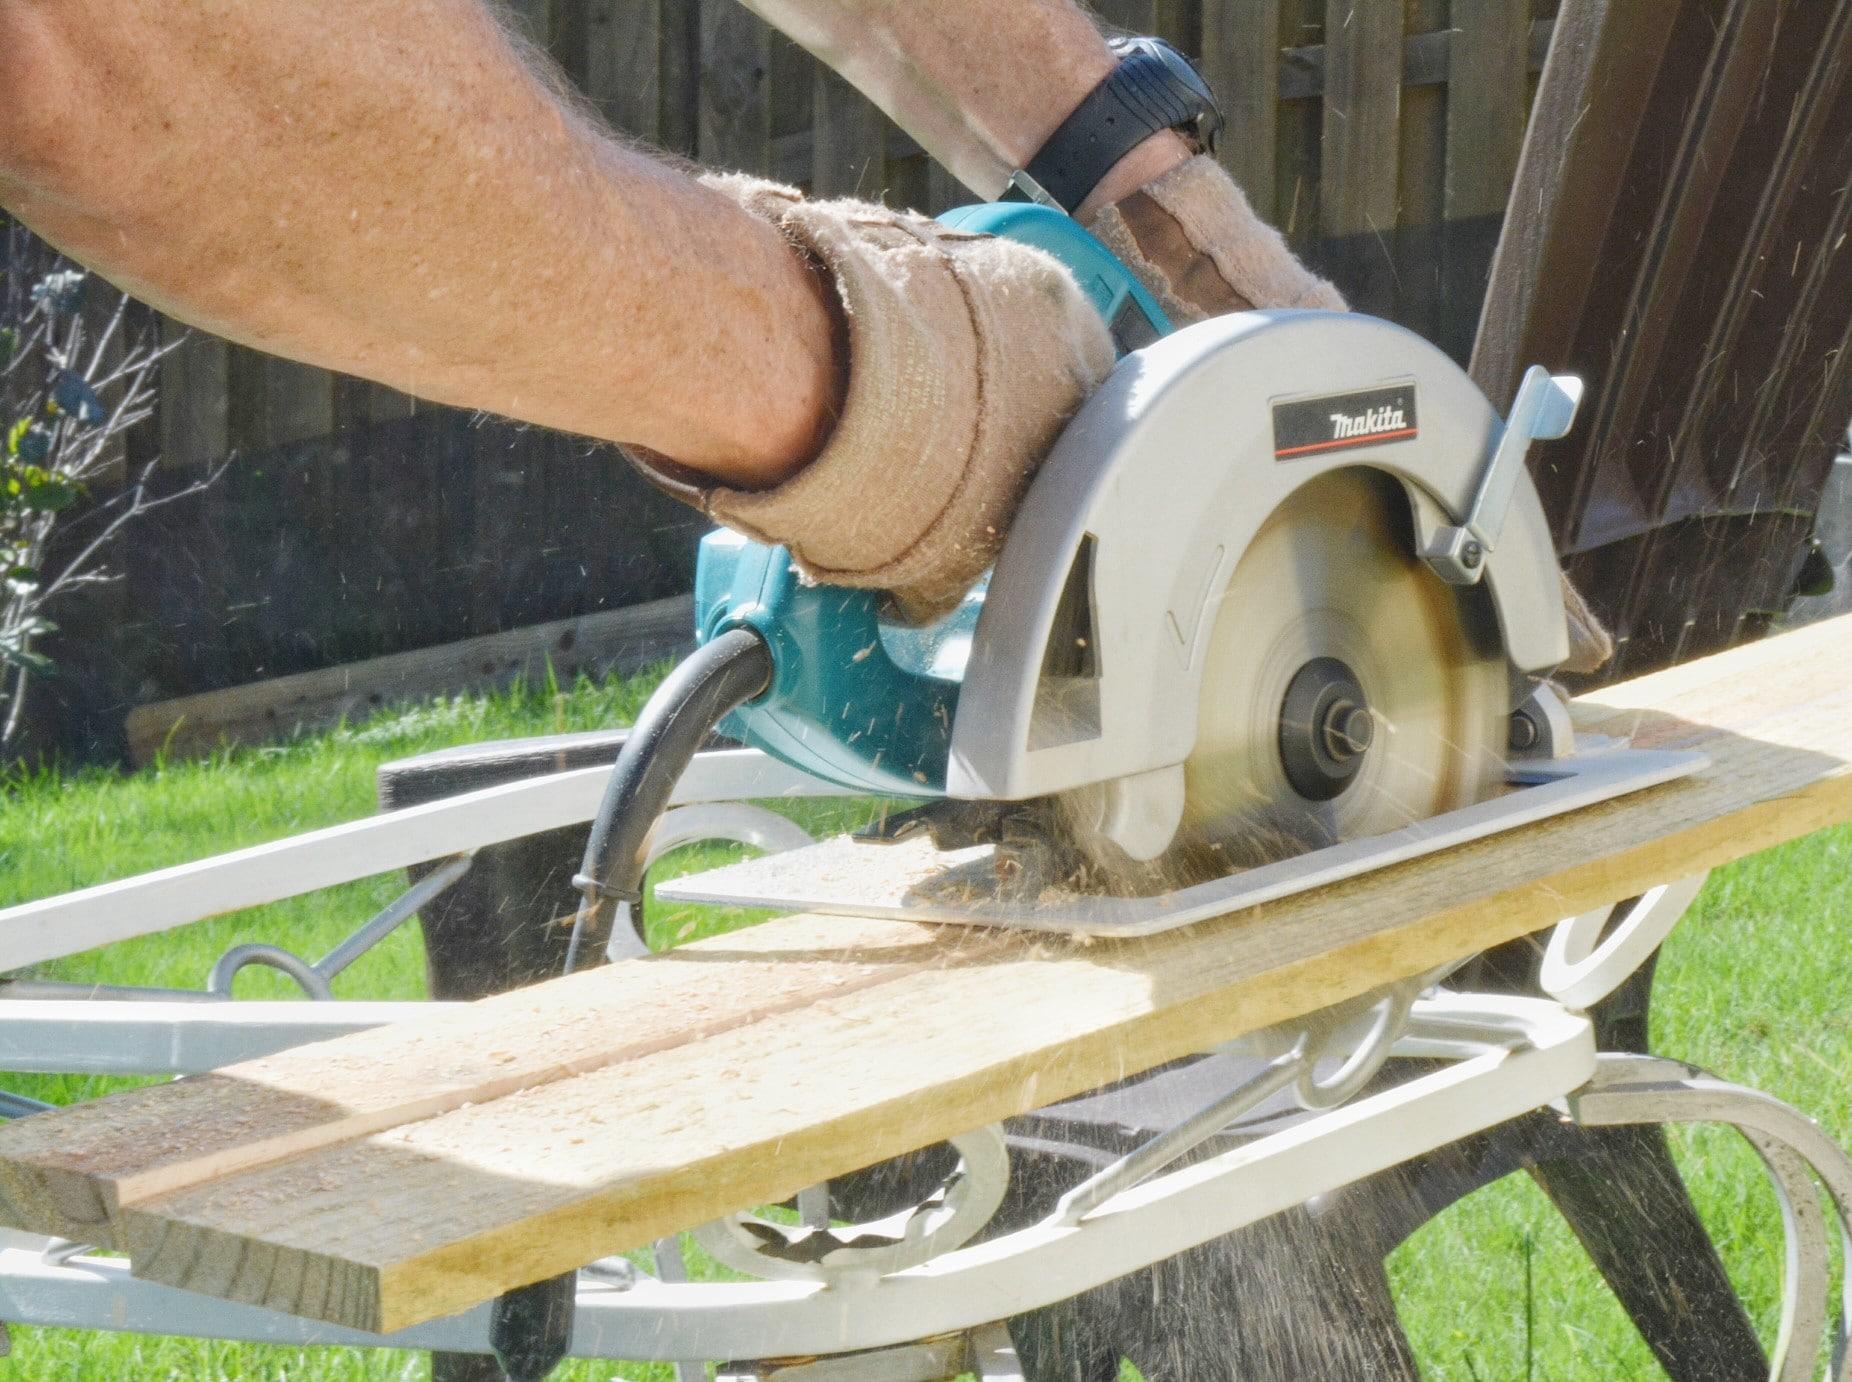 Vor allem das Bauhandwerk klagt über einen Fachkräftemangel. Foto 3happytails via Twenty20